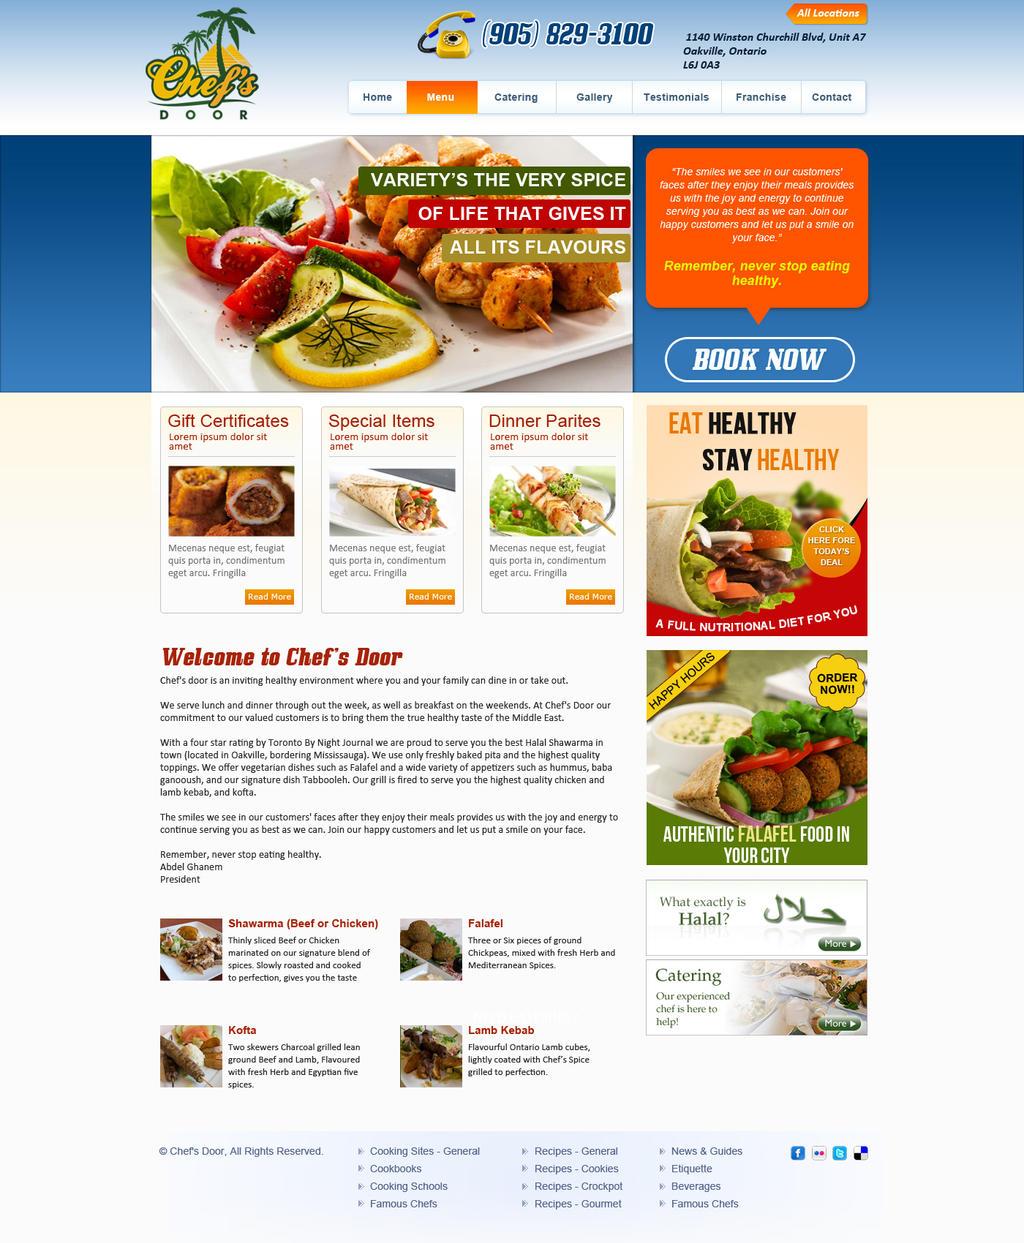 Chefu0027s Door Web Design by wetkon Chefu0027s Door Web Design by wetkon  sc 1 st  wetkon - DeviantArt & Chefu0027s Door Web Design by wetkon on DeviantArt pezcame.com